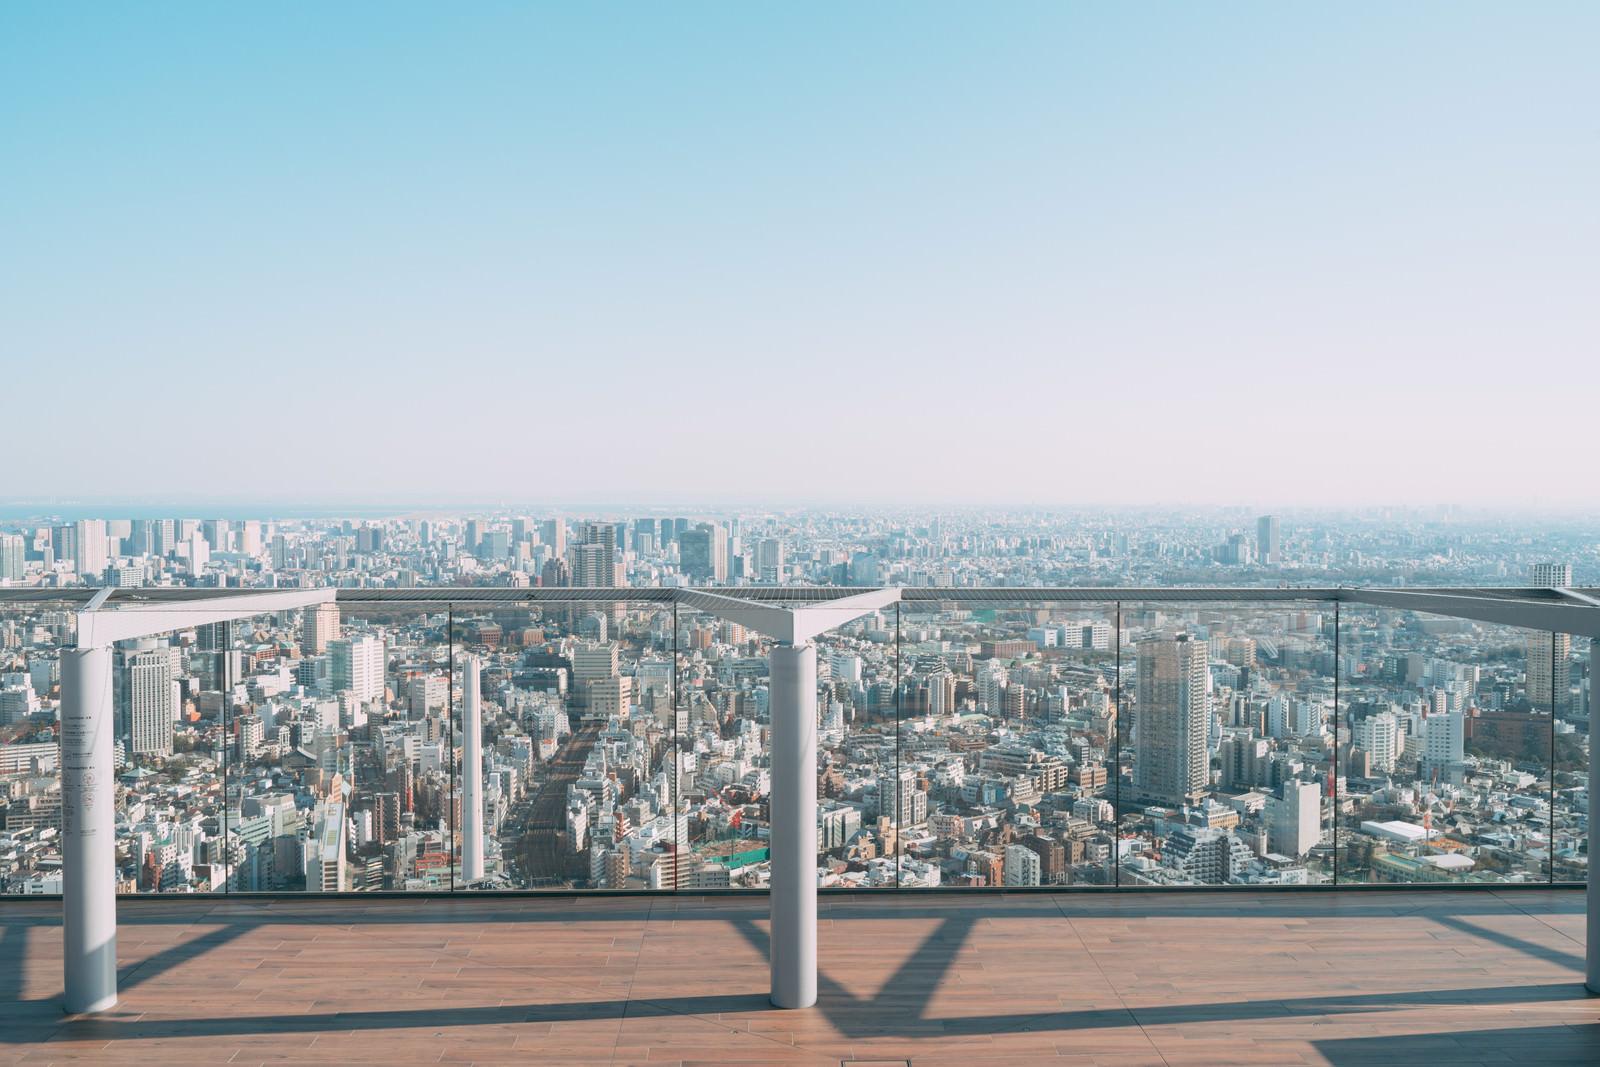 「渋谷スカイ屋上と雲ひとつない空」の写真